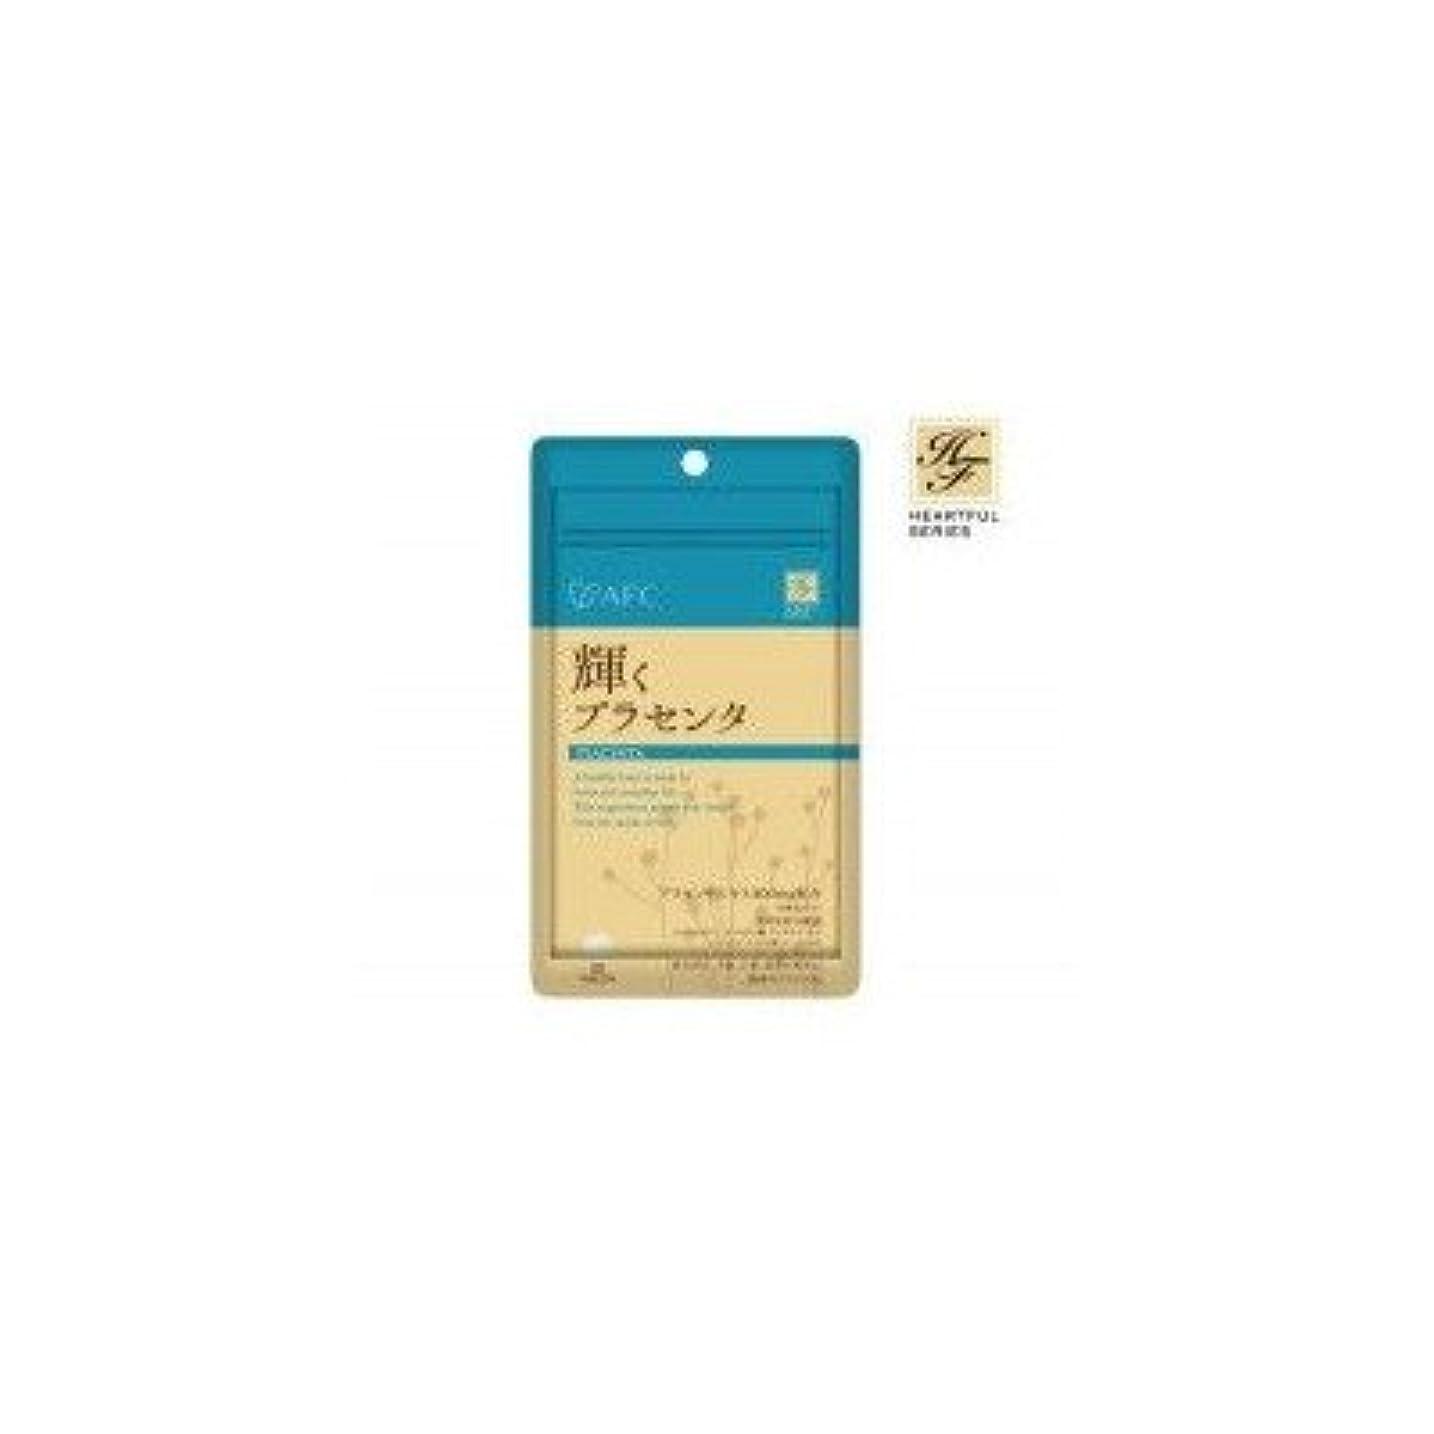 近似ベスト謝罪するAFC(エーエフシー) ハートフルシリーズサプリ 輝くプラセンタ HFS02×6袋